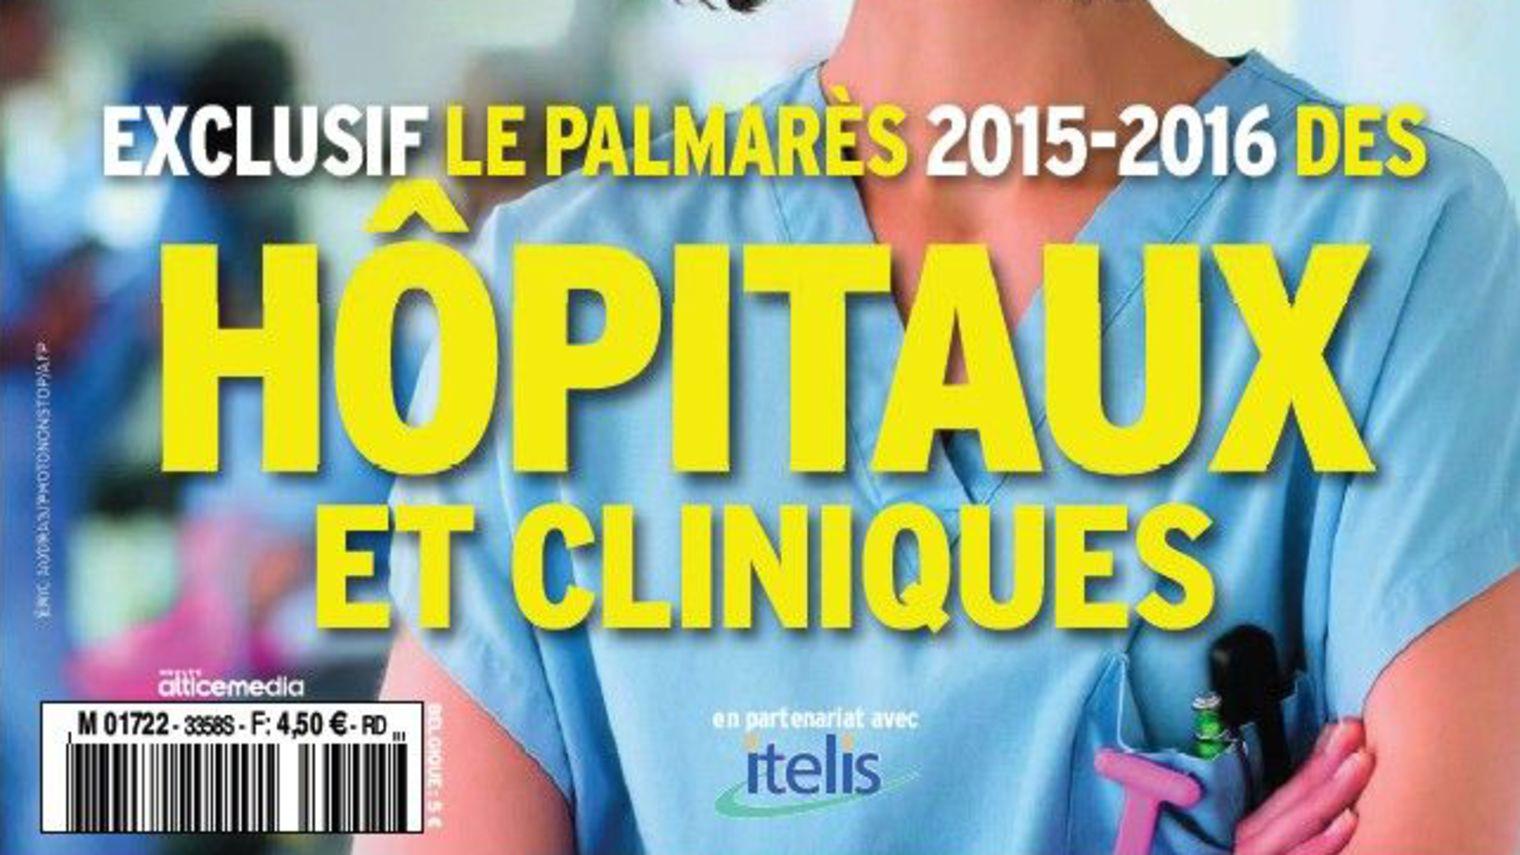 Le palmar?s 2015-2016 des h?pitaux et cliniques